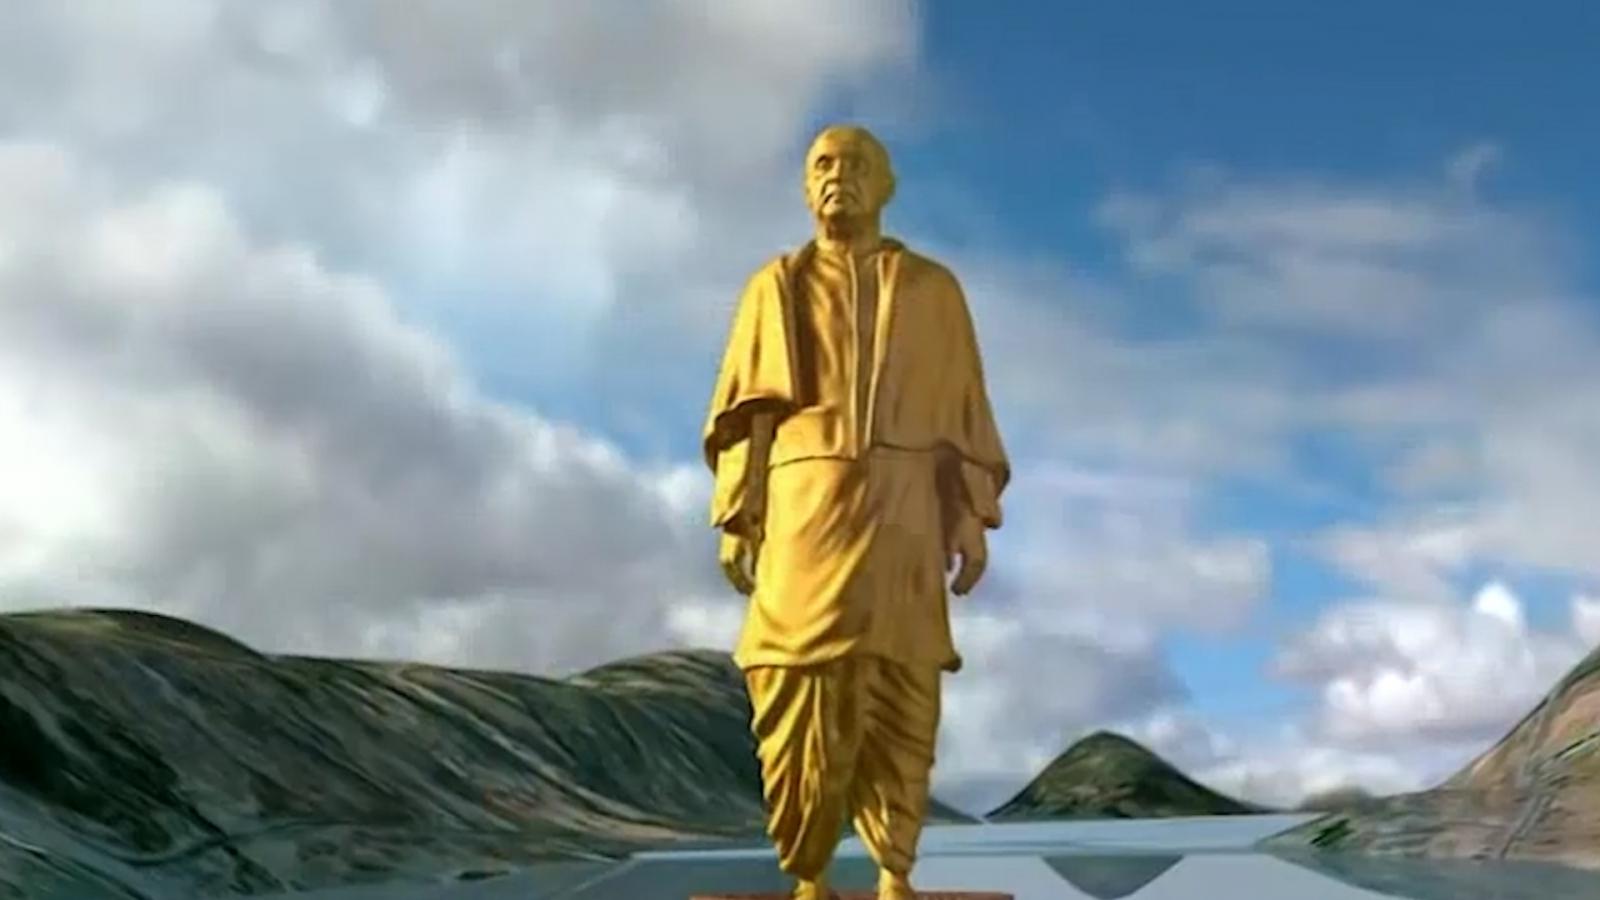 Het hoogste standbeeld ter wereld komt in India